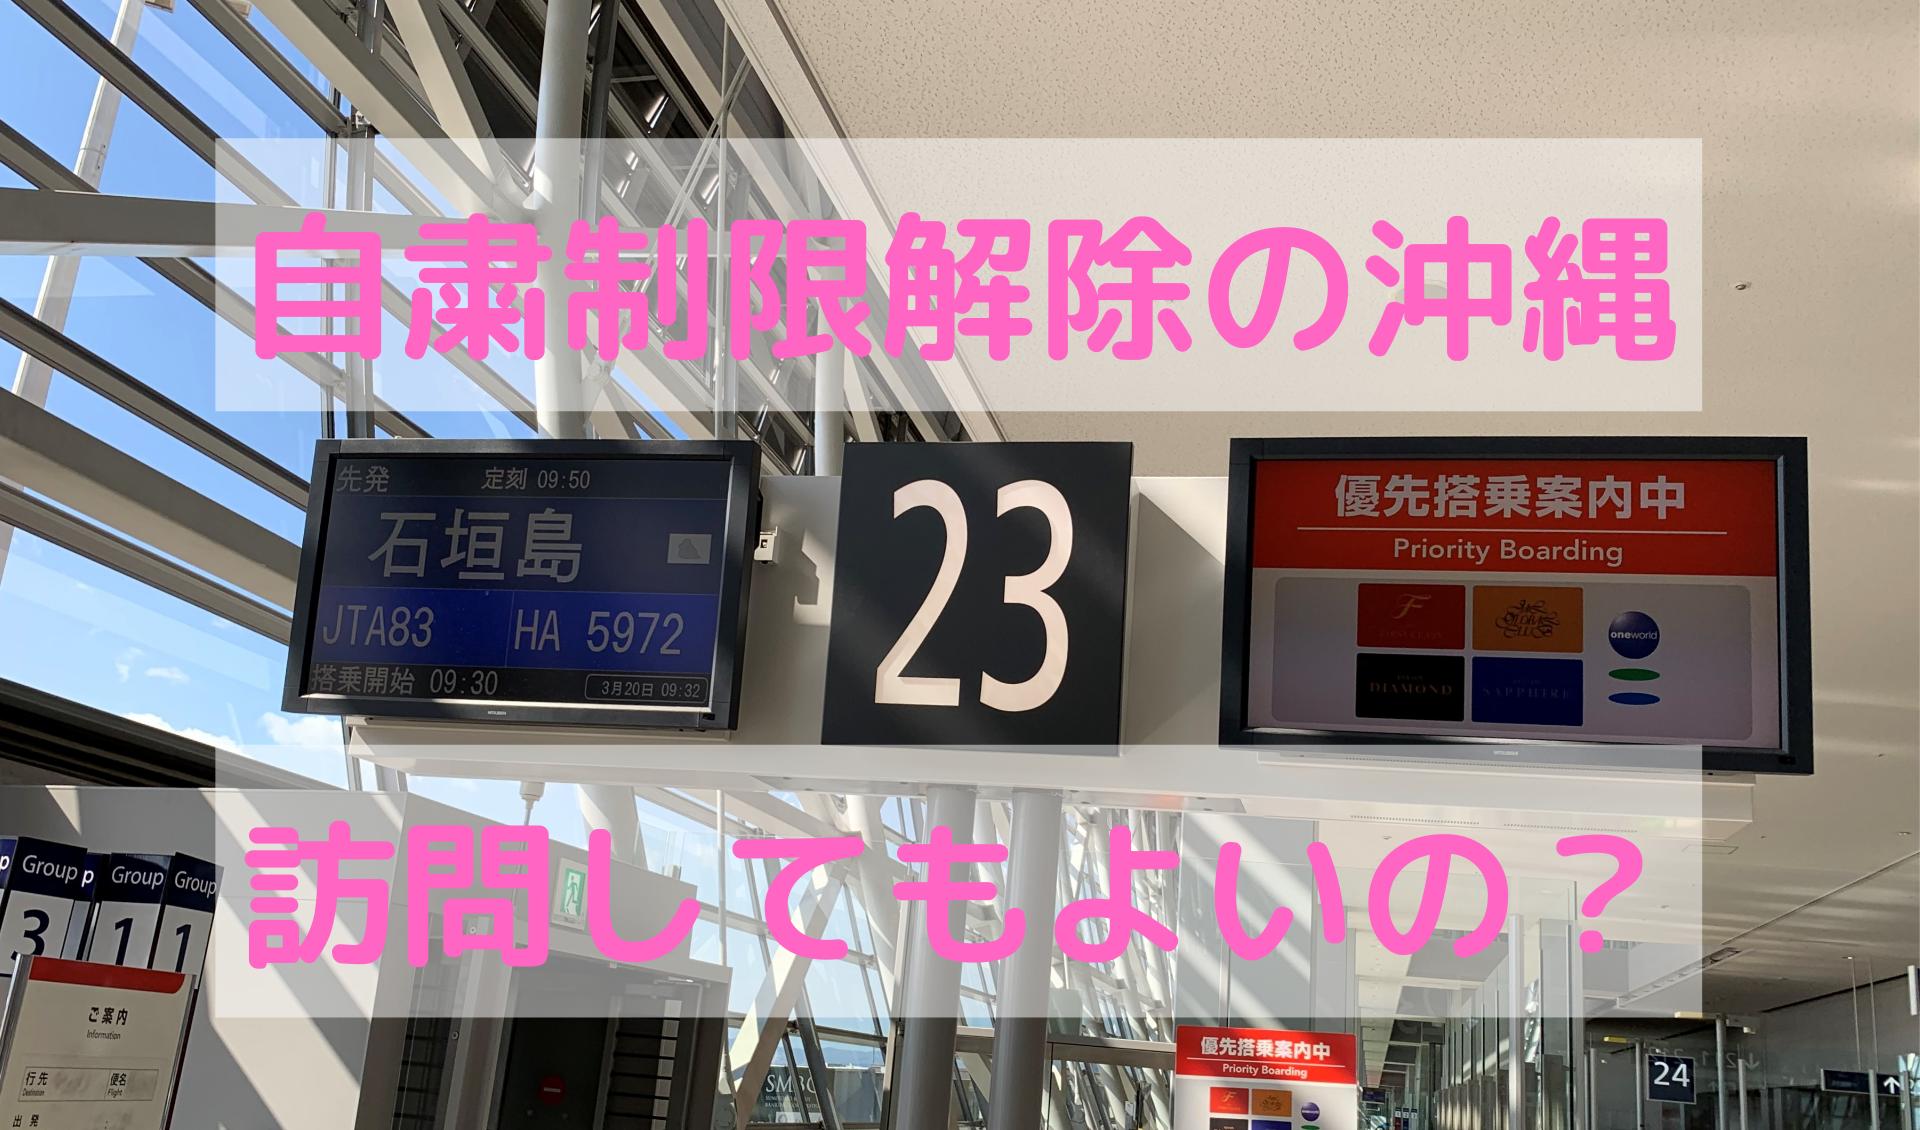 観光客の受け入れが再開!日本一のリゾート「沖縄」へは行けるのか?